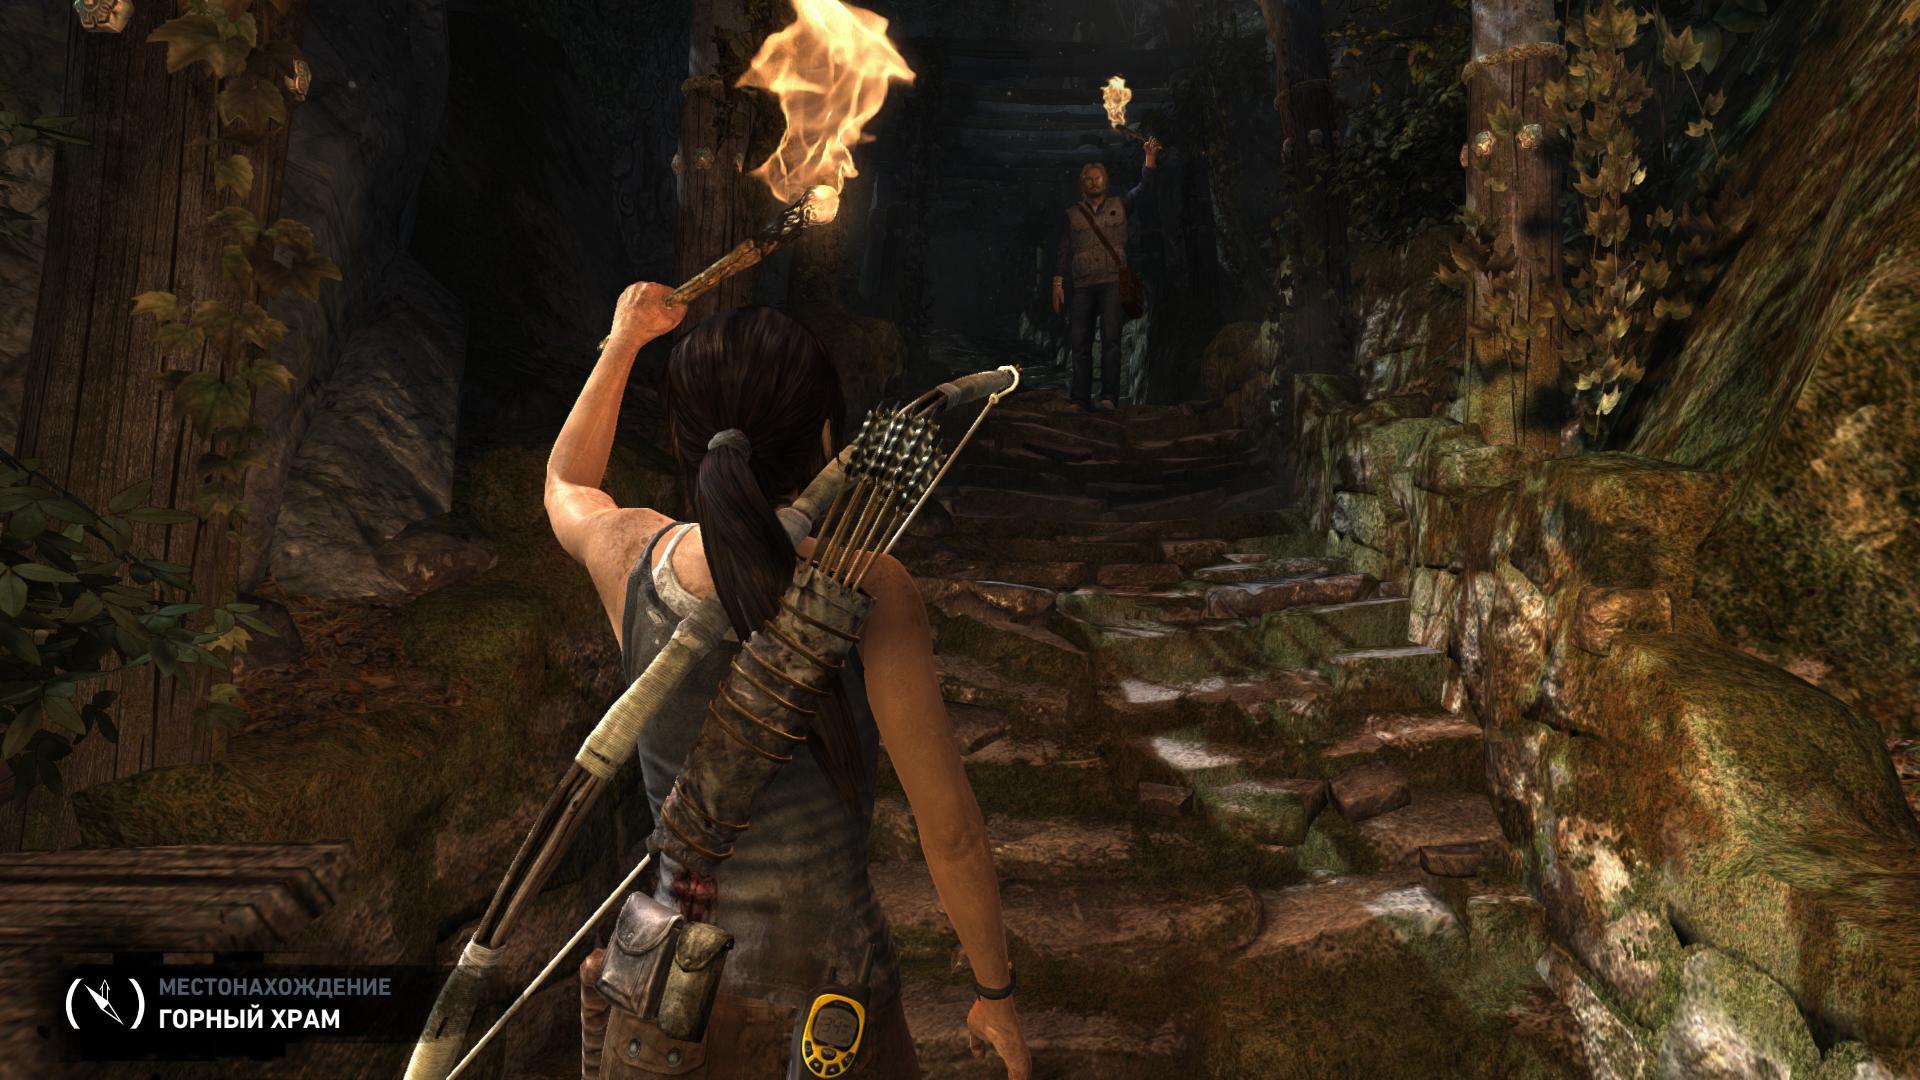 Прохождение (сопутствующие сюжету скриншоты) - Tomb Raider (2013)